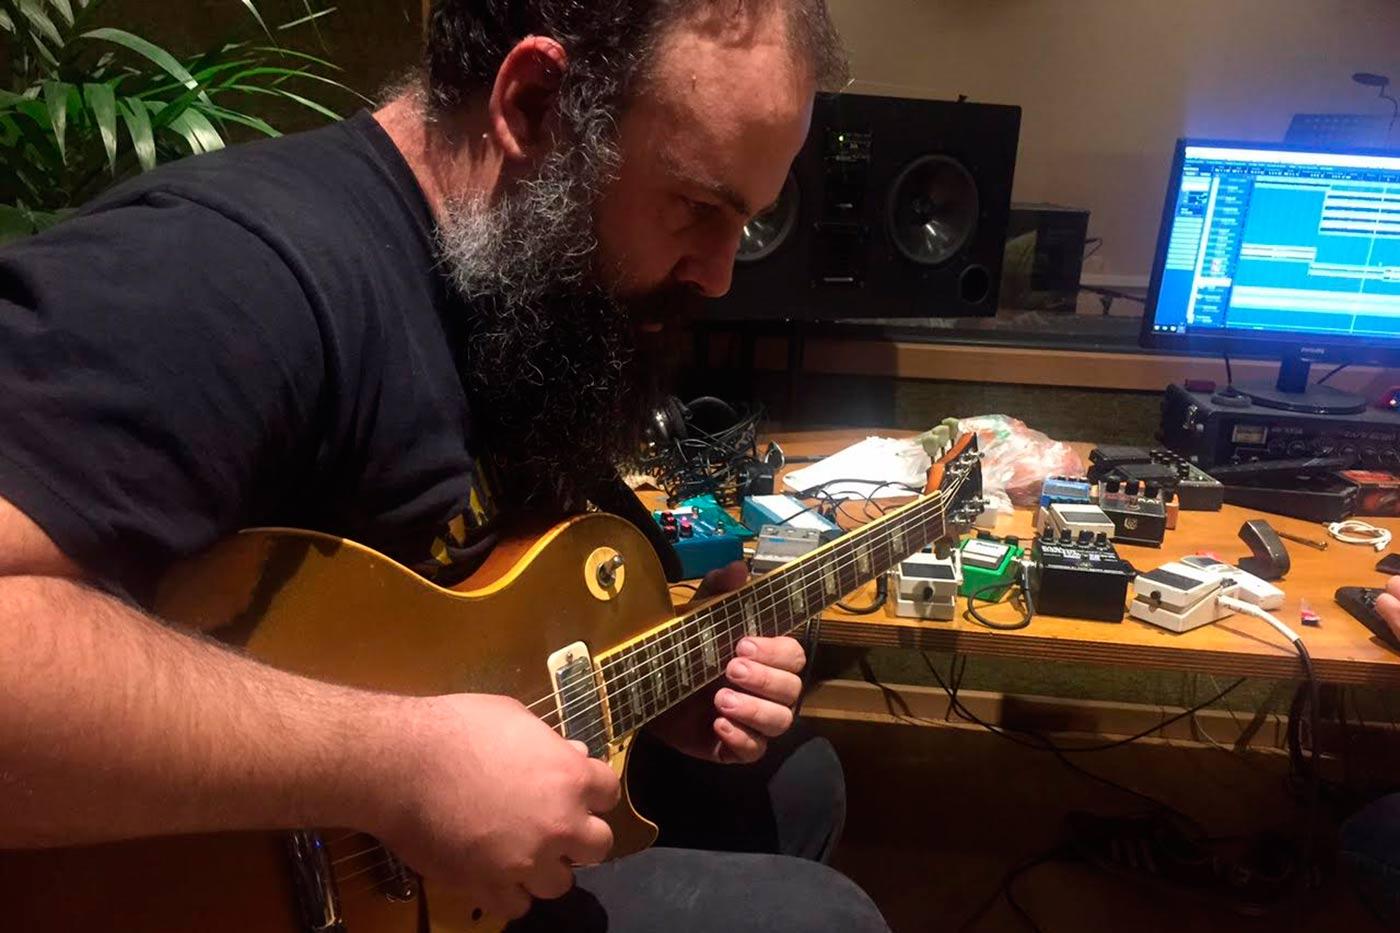 Diario de grabación de Exquirla, segundo asalto: Guitarritis